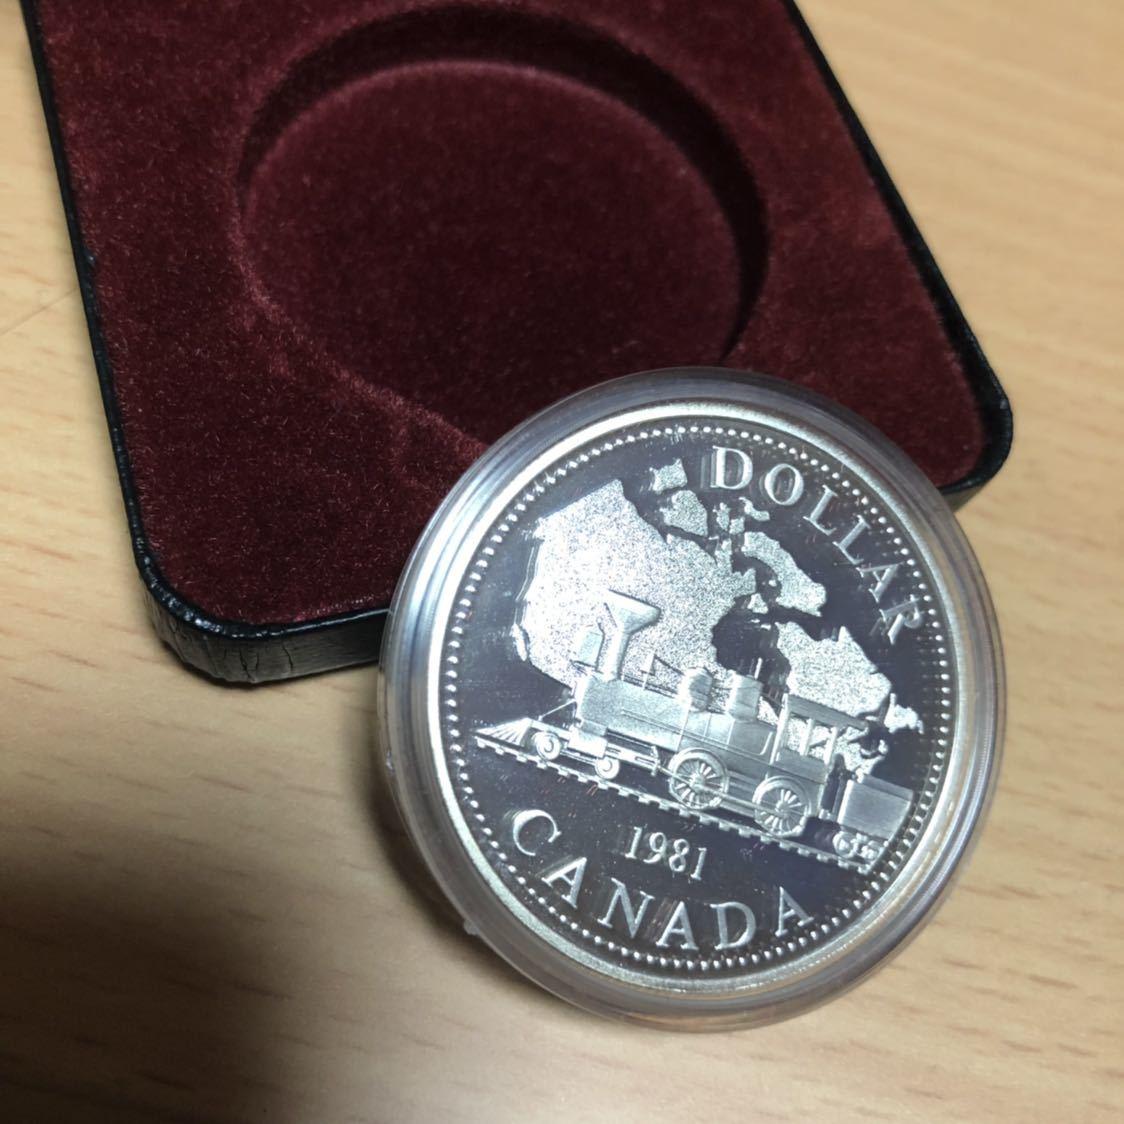 希少!!新品 カナダ銀貨 プルーフ ロイヤルカナディアンミント エリザベス二世 ケース入り